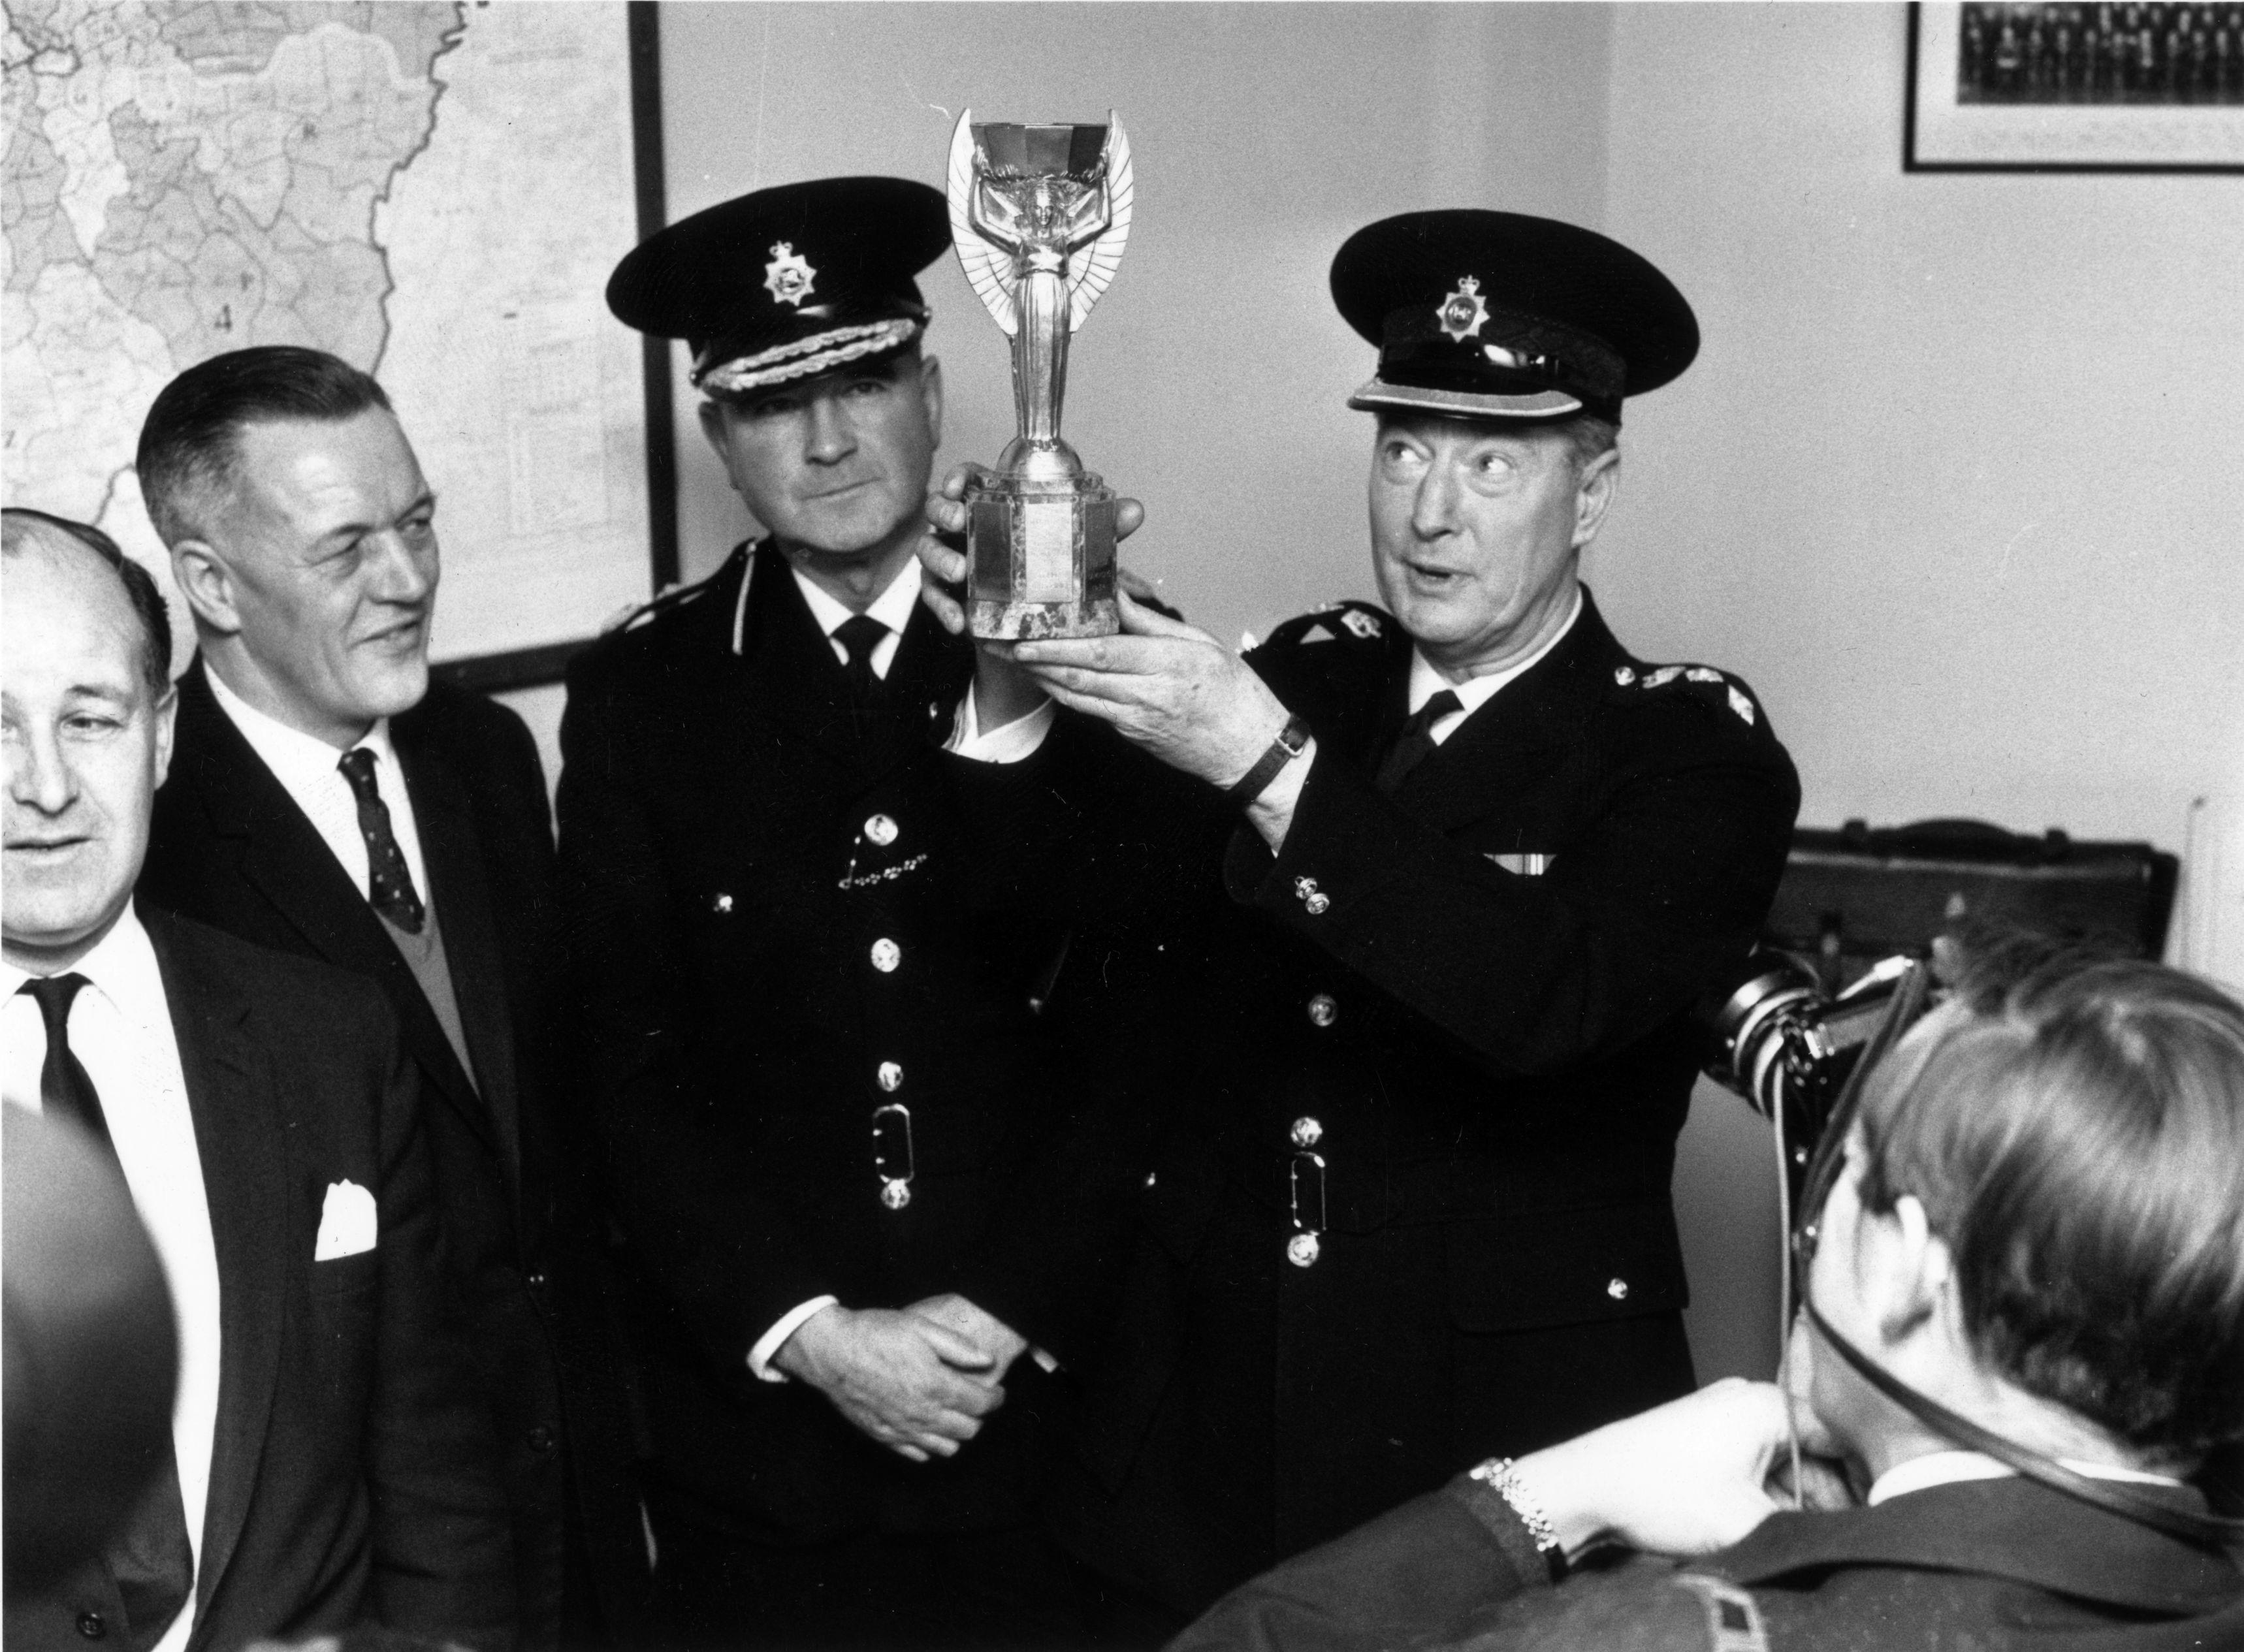 Кубок Жюля Риме